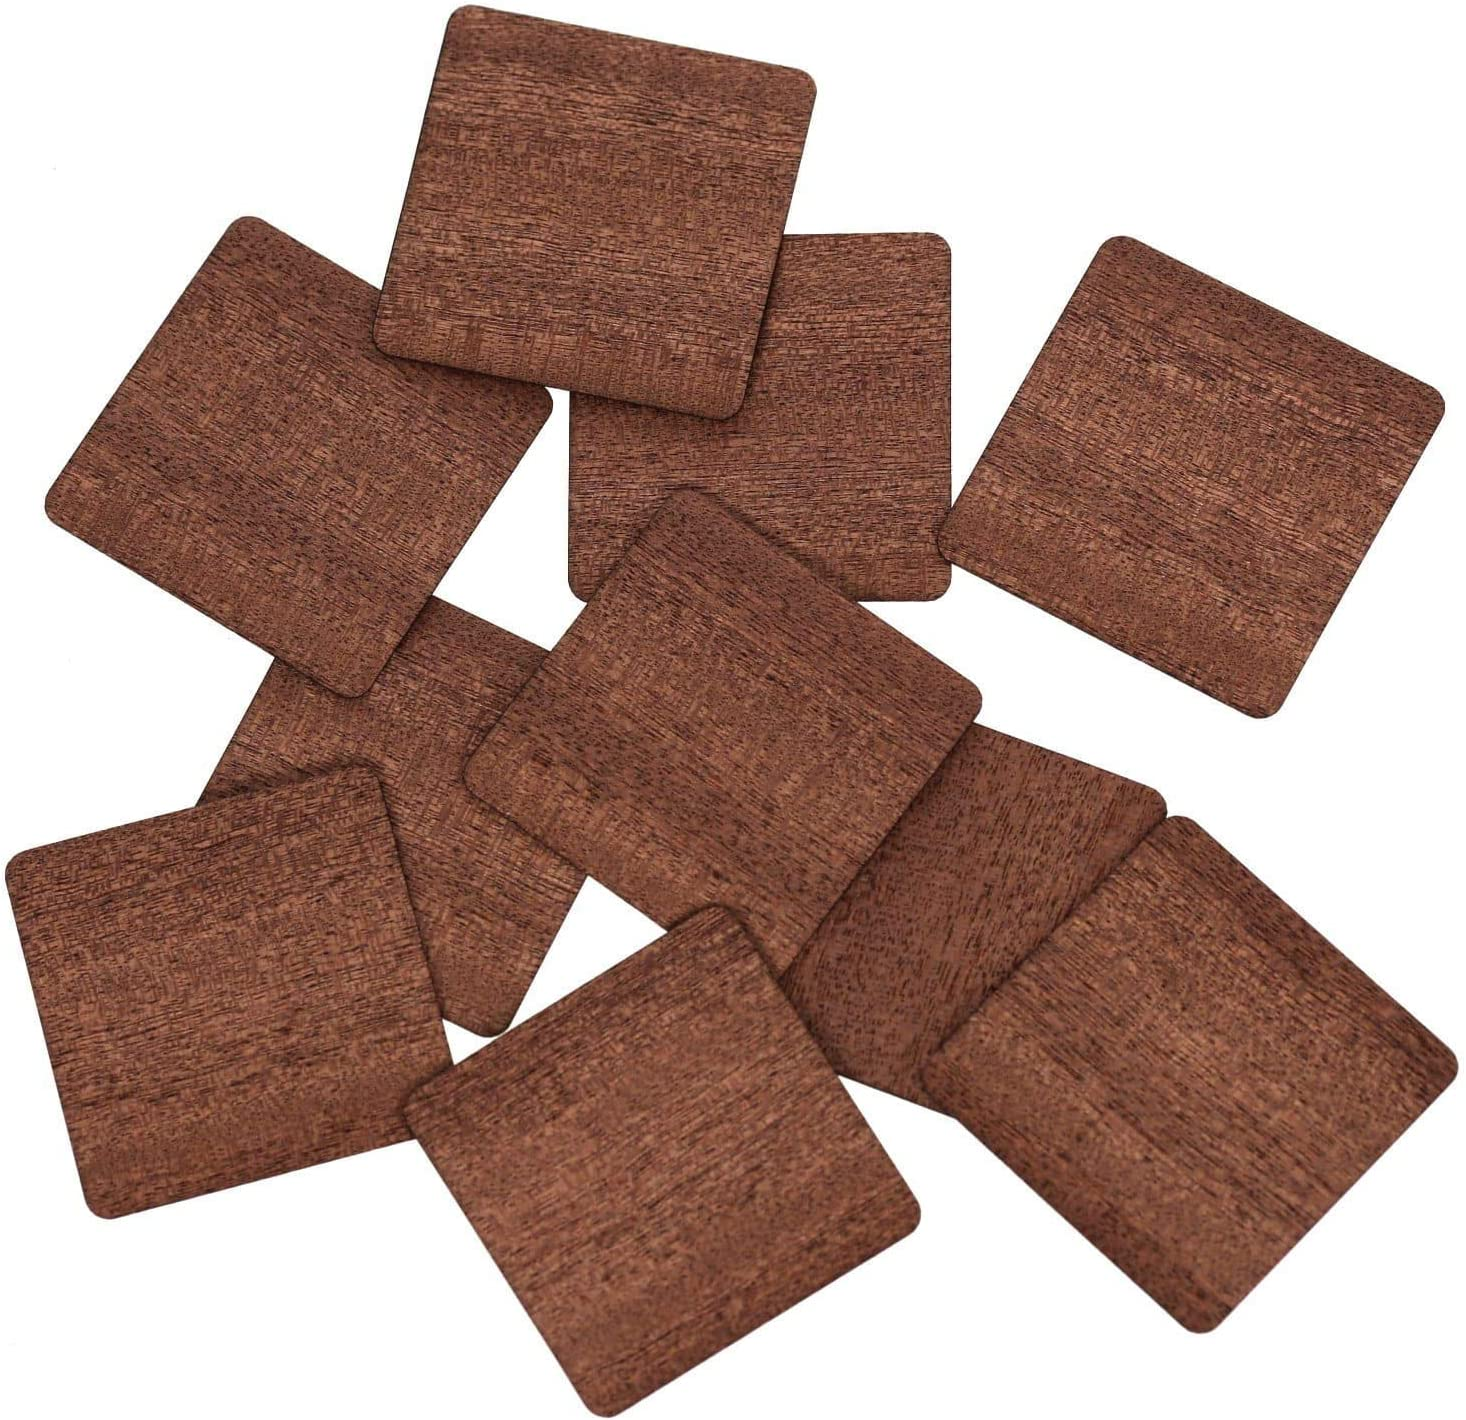 /10/cm adornos Manualidades Decoraci/ón 1x1cm 10 unidades /1/ Chapa de madera aut/éntica cuadrados oscuro/ /Discos de madera/